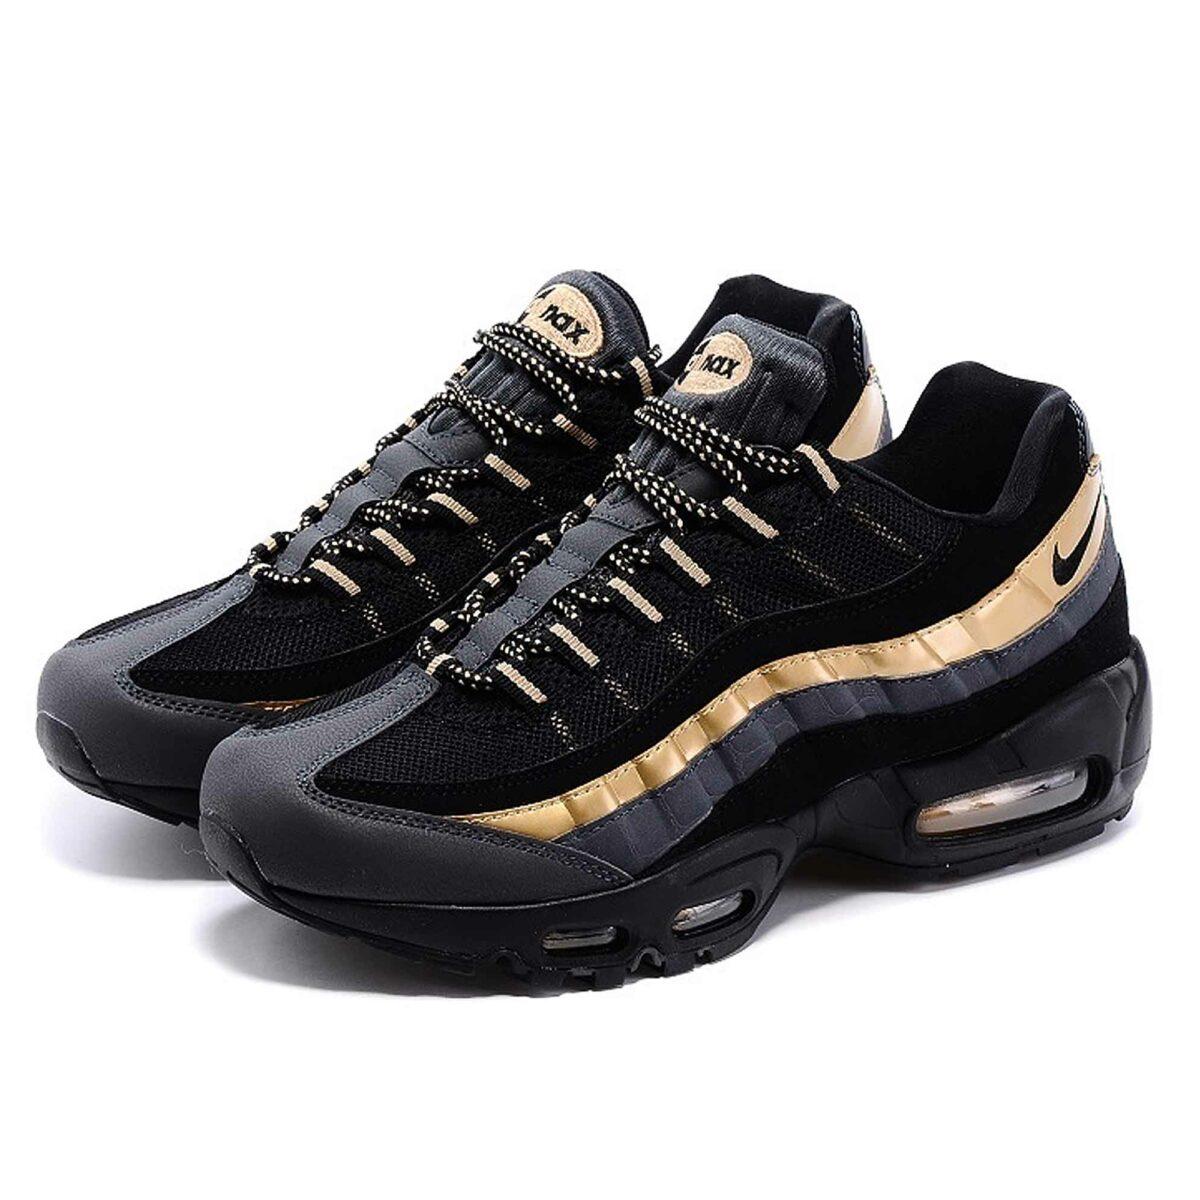 nike air max 95 bronze 538416-007 купить